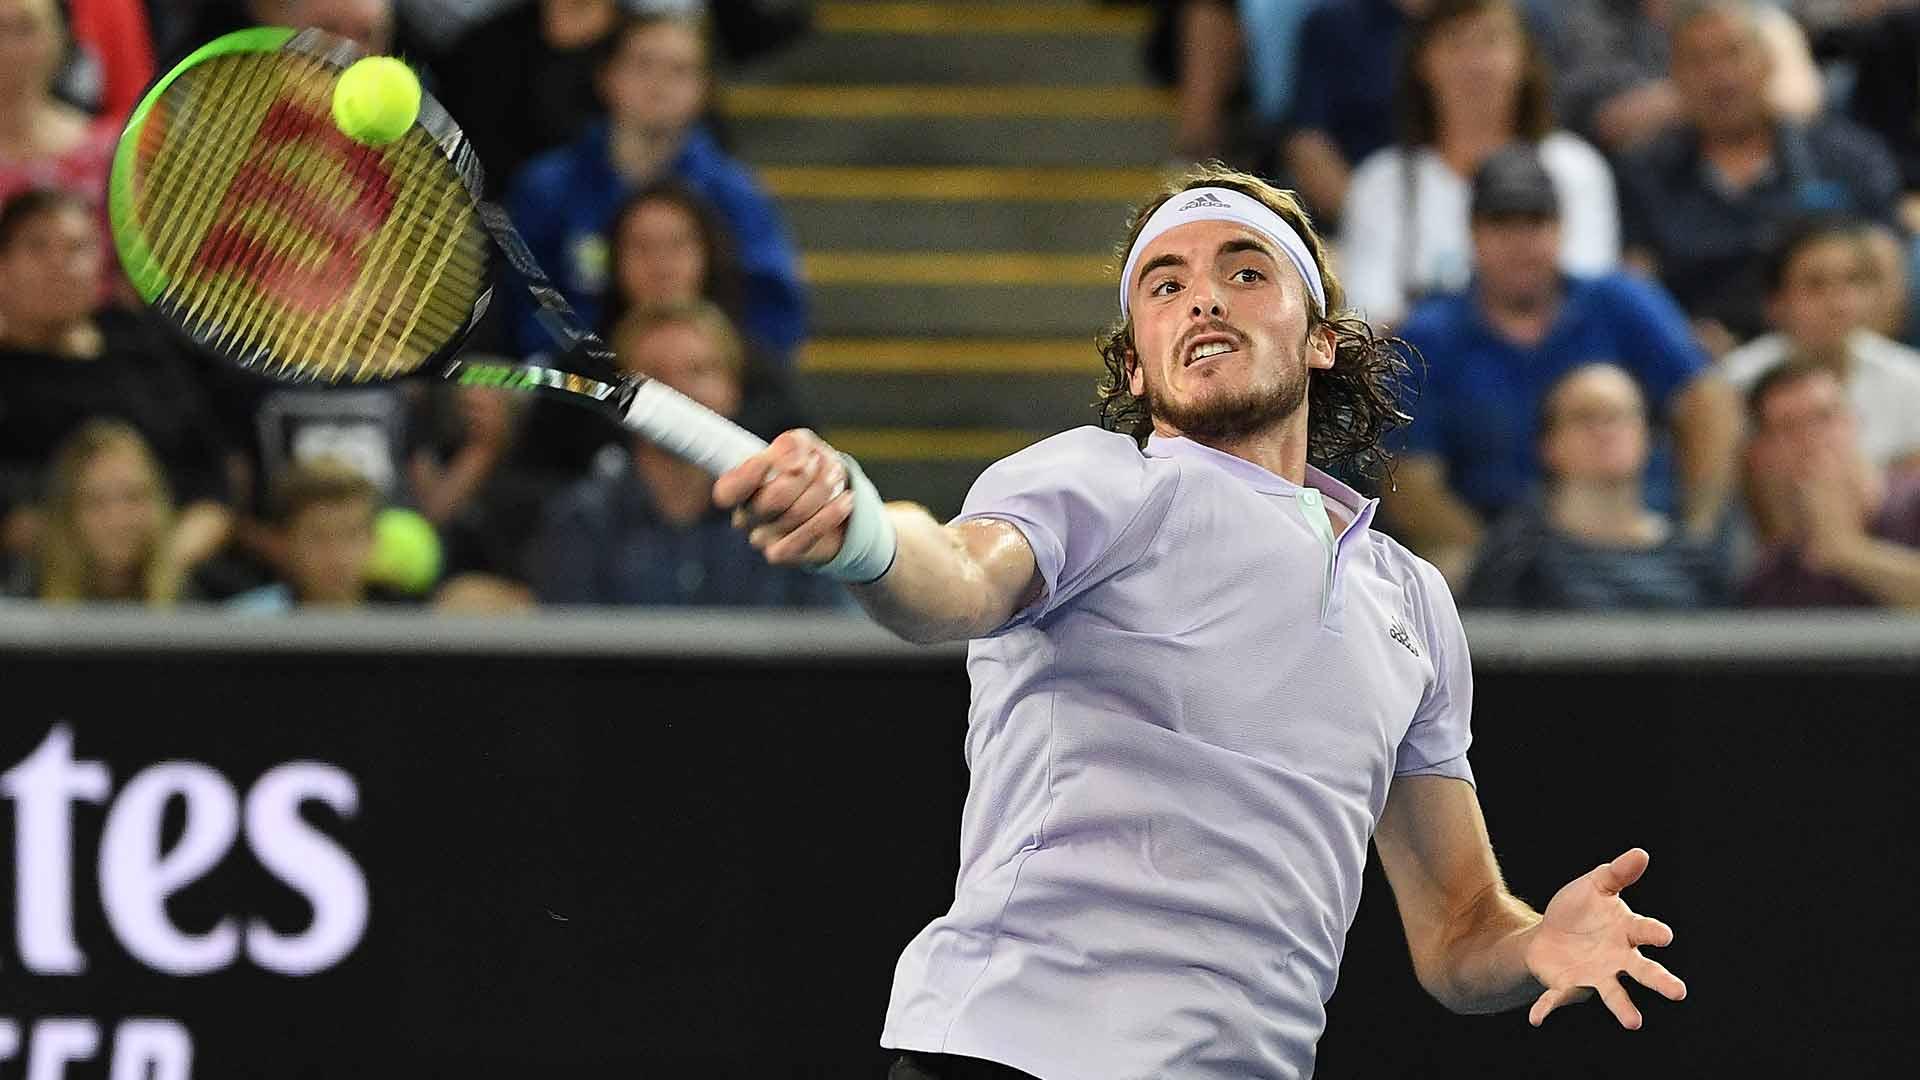 Australian Open Stefanos Tsitsipas Advances To Third Round As Philipp Kohlschreiber Withdraws Atp Tour The Union Journal